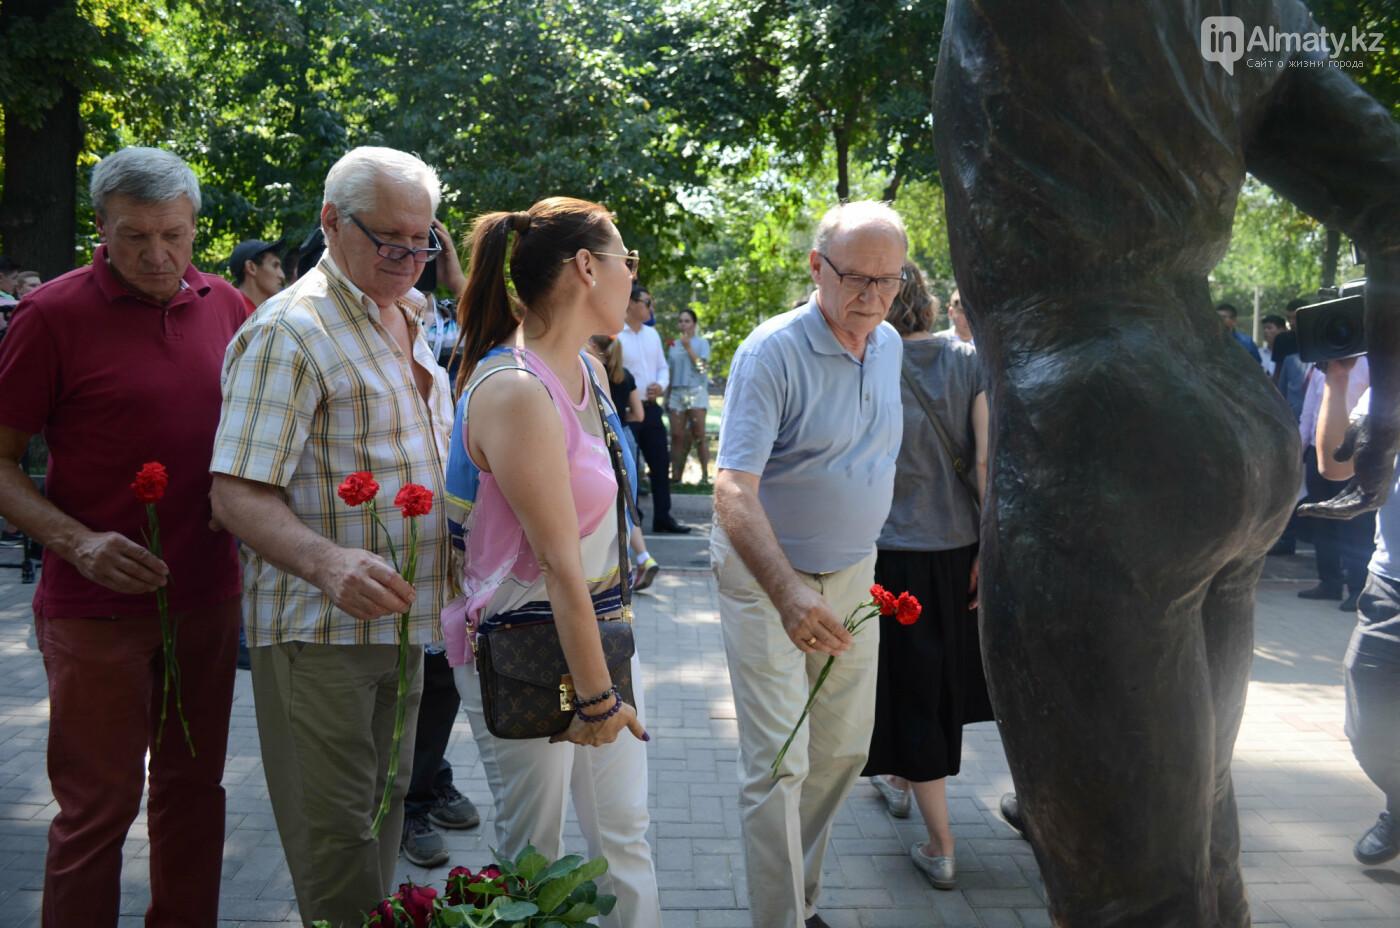 Родственники Дениса Тена и звезды фигурного катания почтили память фигуриста в Алматы, фото-13